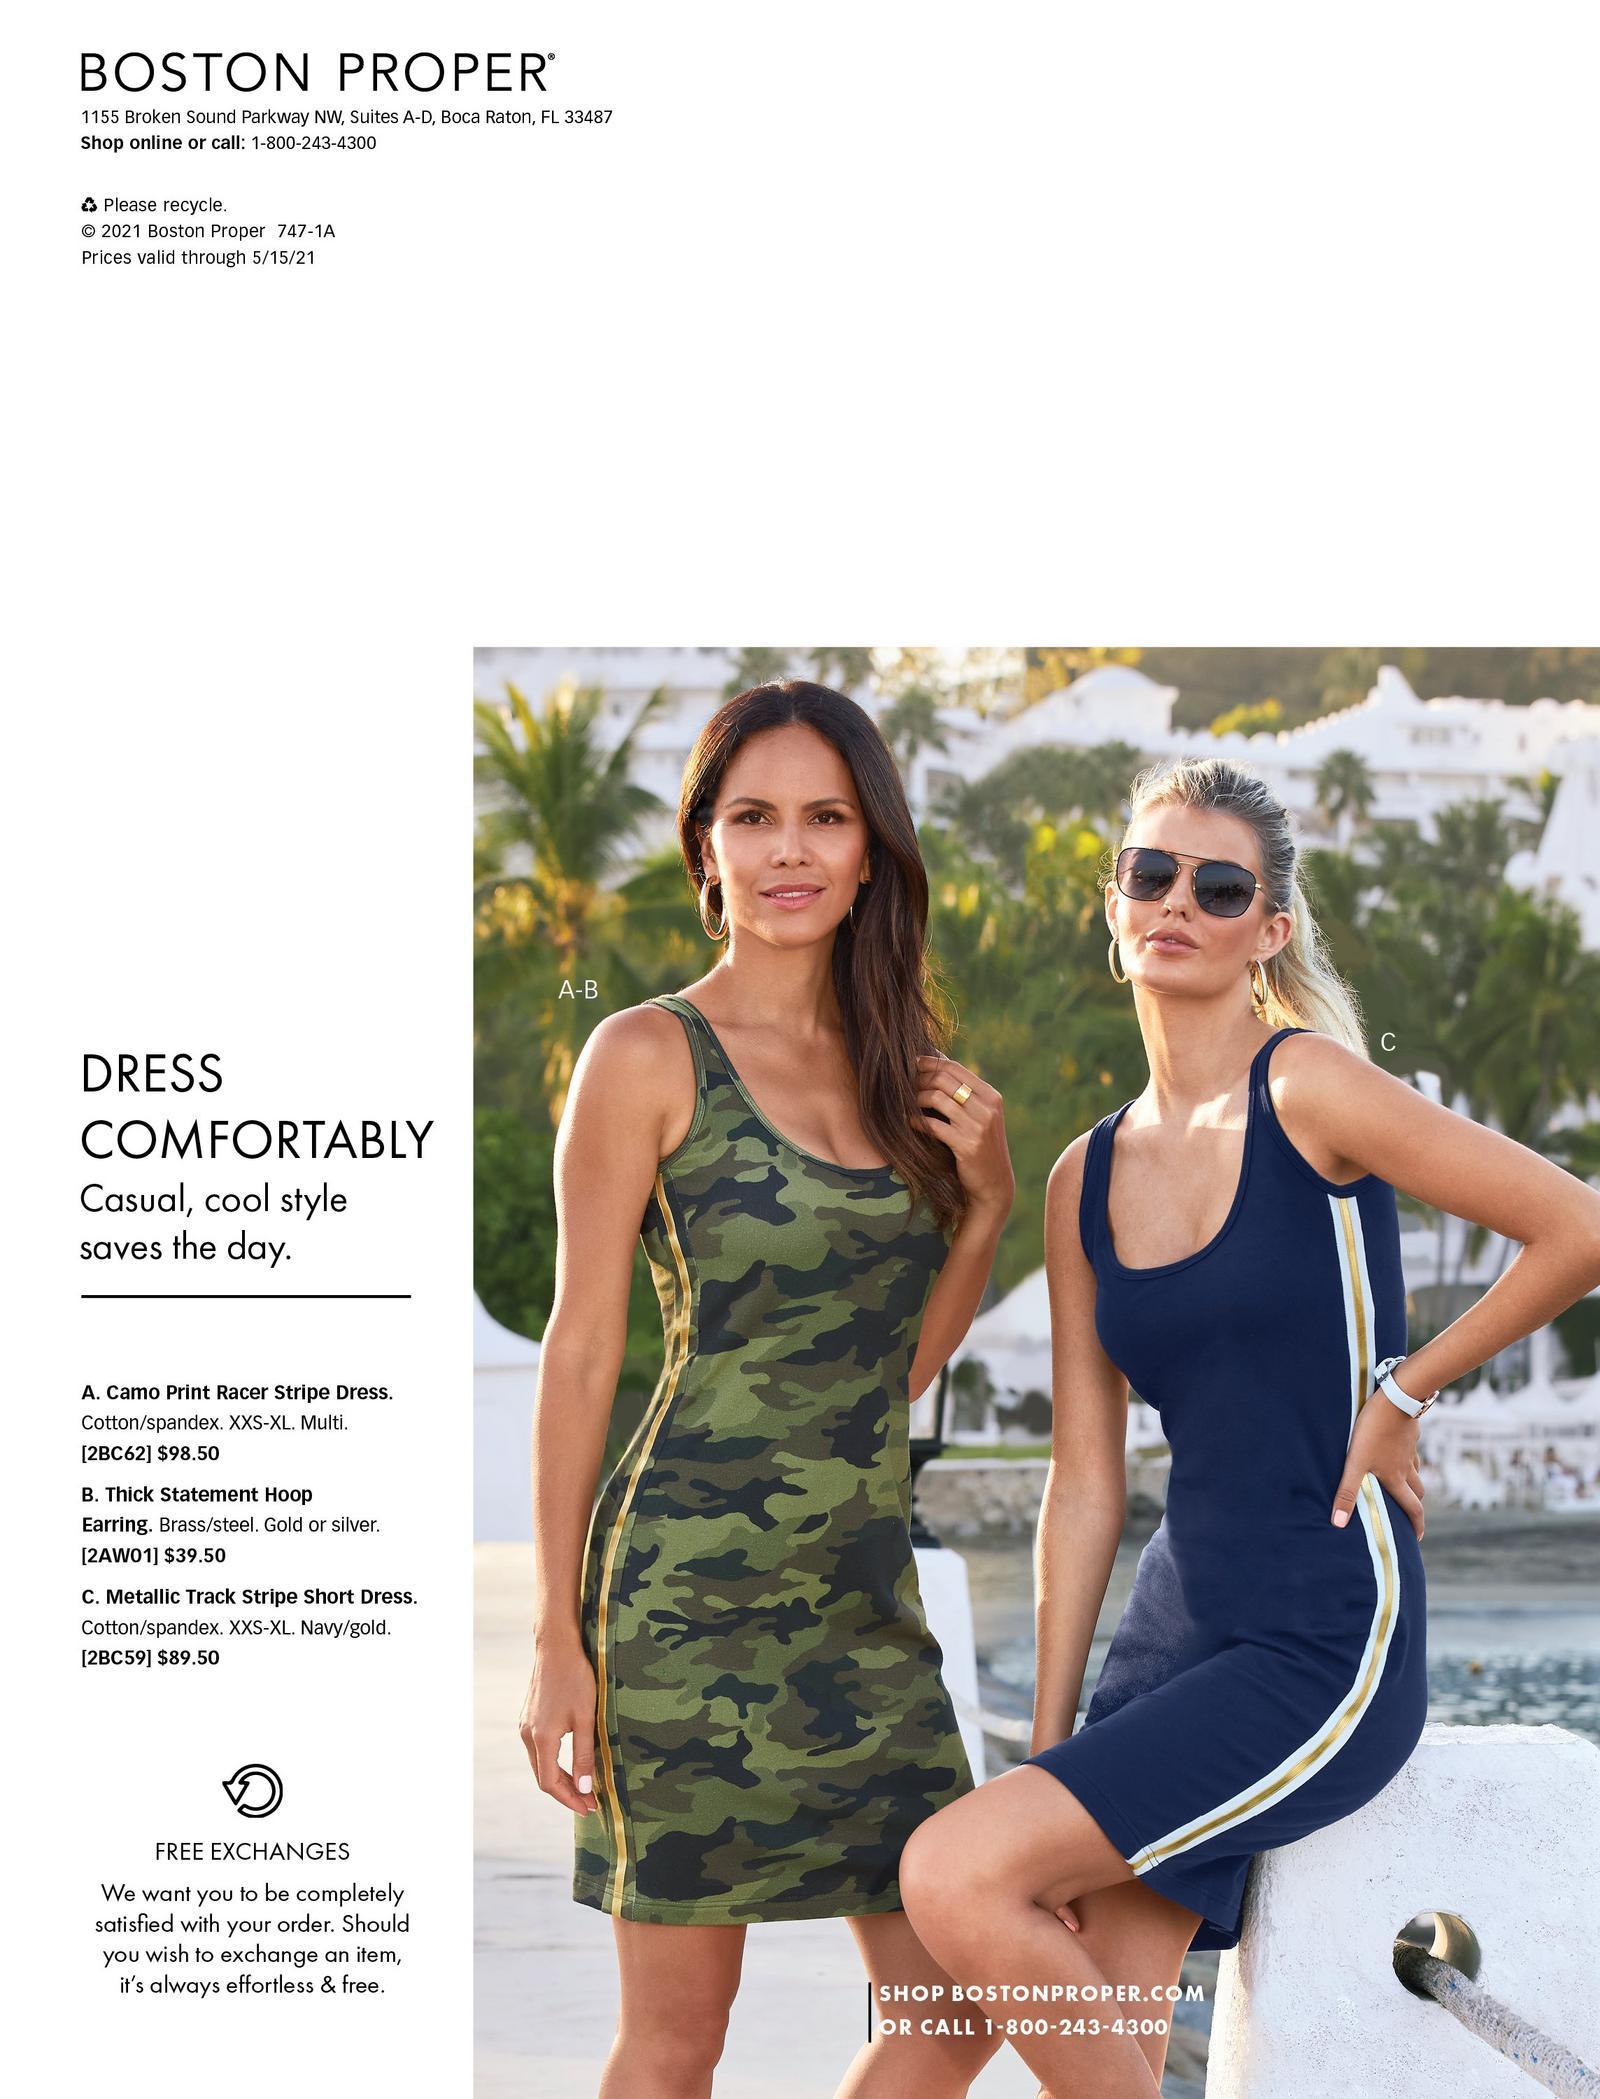 left model wearing a camo racer stripe sleeveless sport dress. right model wearing a navy race stripe sleeveless sport dress and sunglasses.